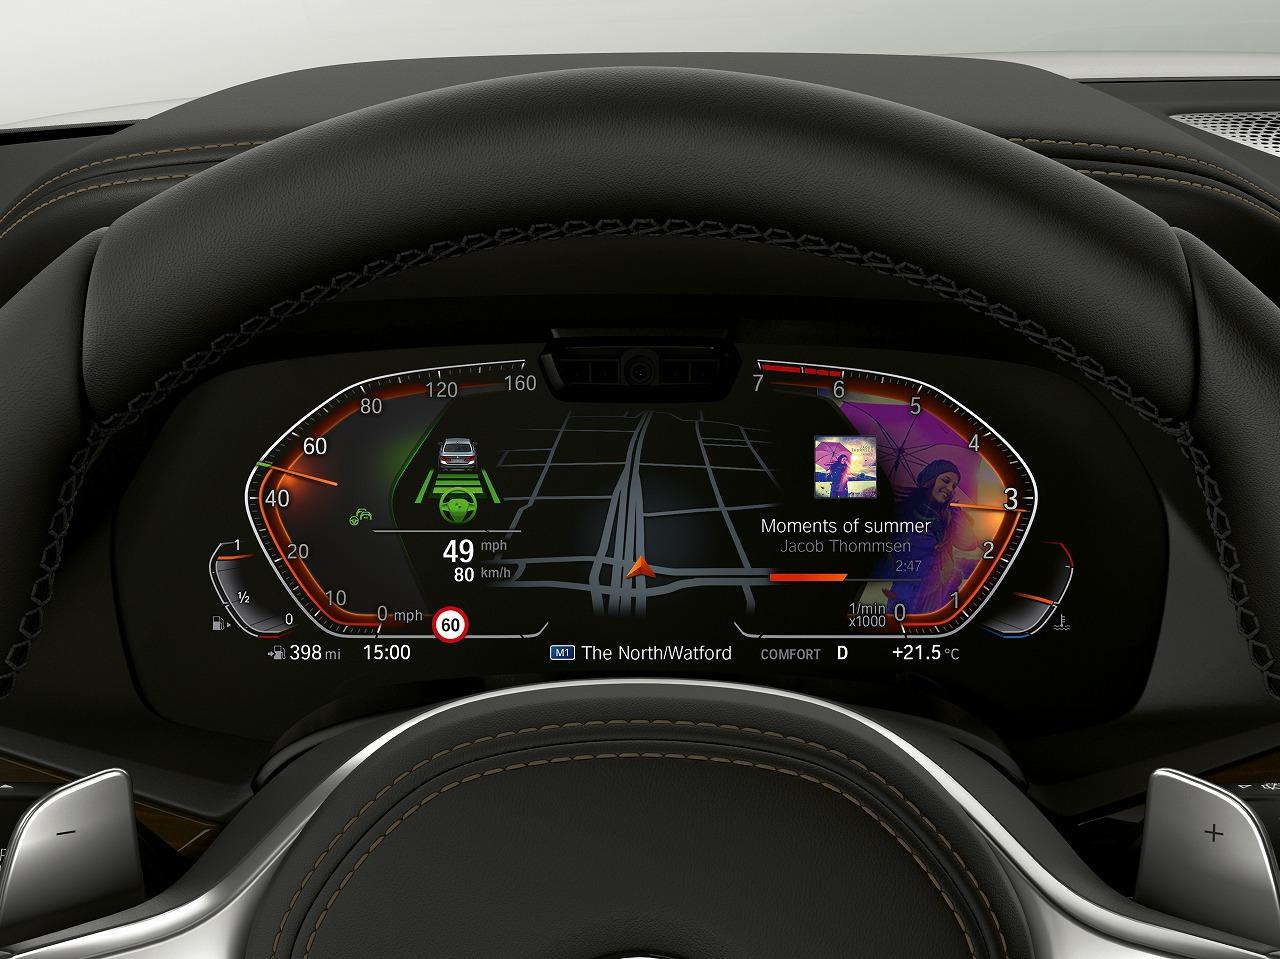 BMWがパリモーターショーで公開される新型3シリーズ、X5、Z4、8シリーズに搭載される「BMWオペレーティングシステム7.0」のハイライト画像を公開!